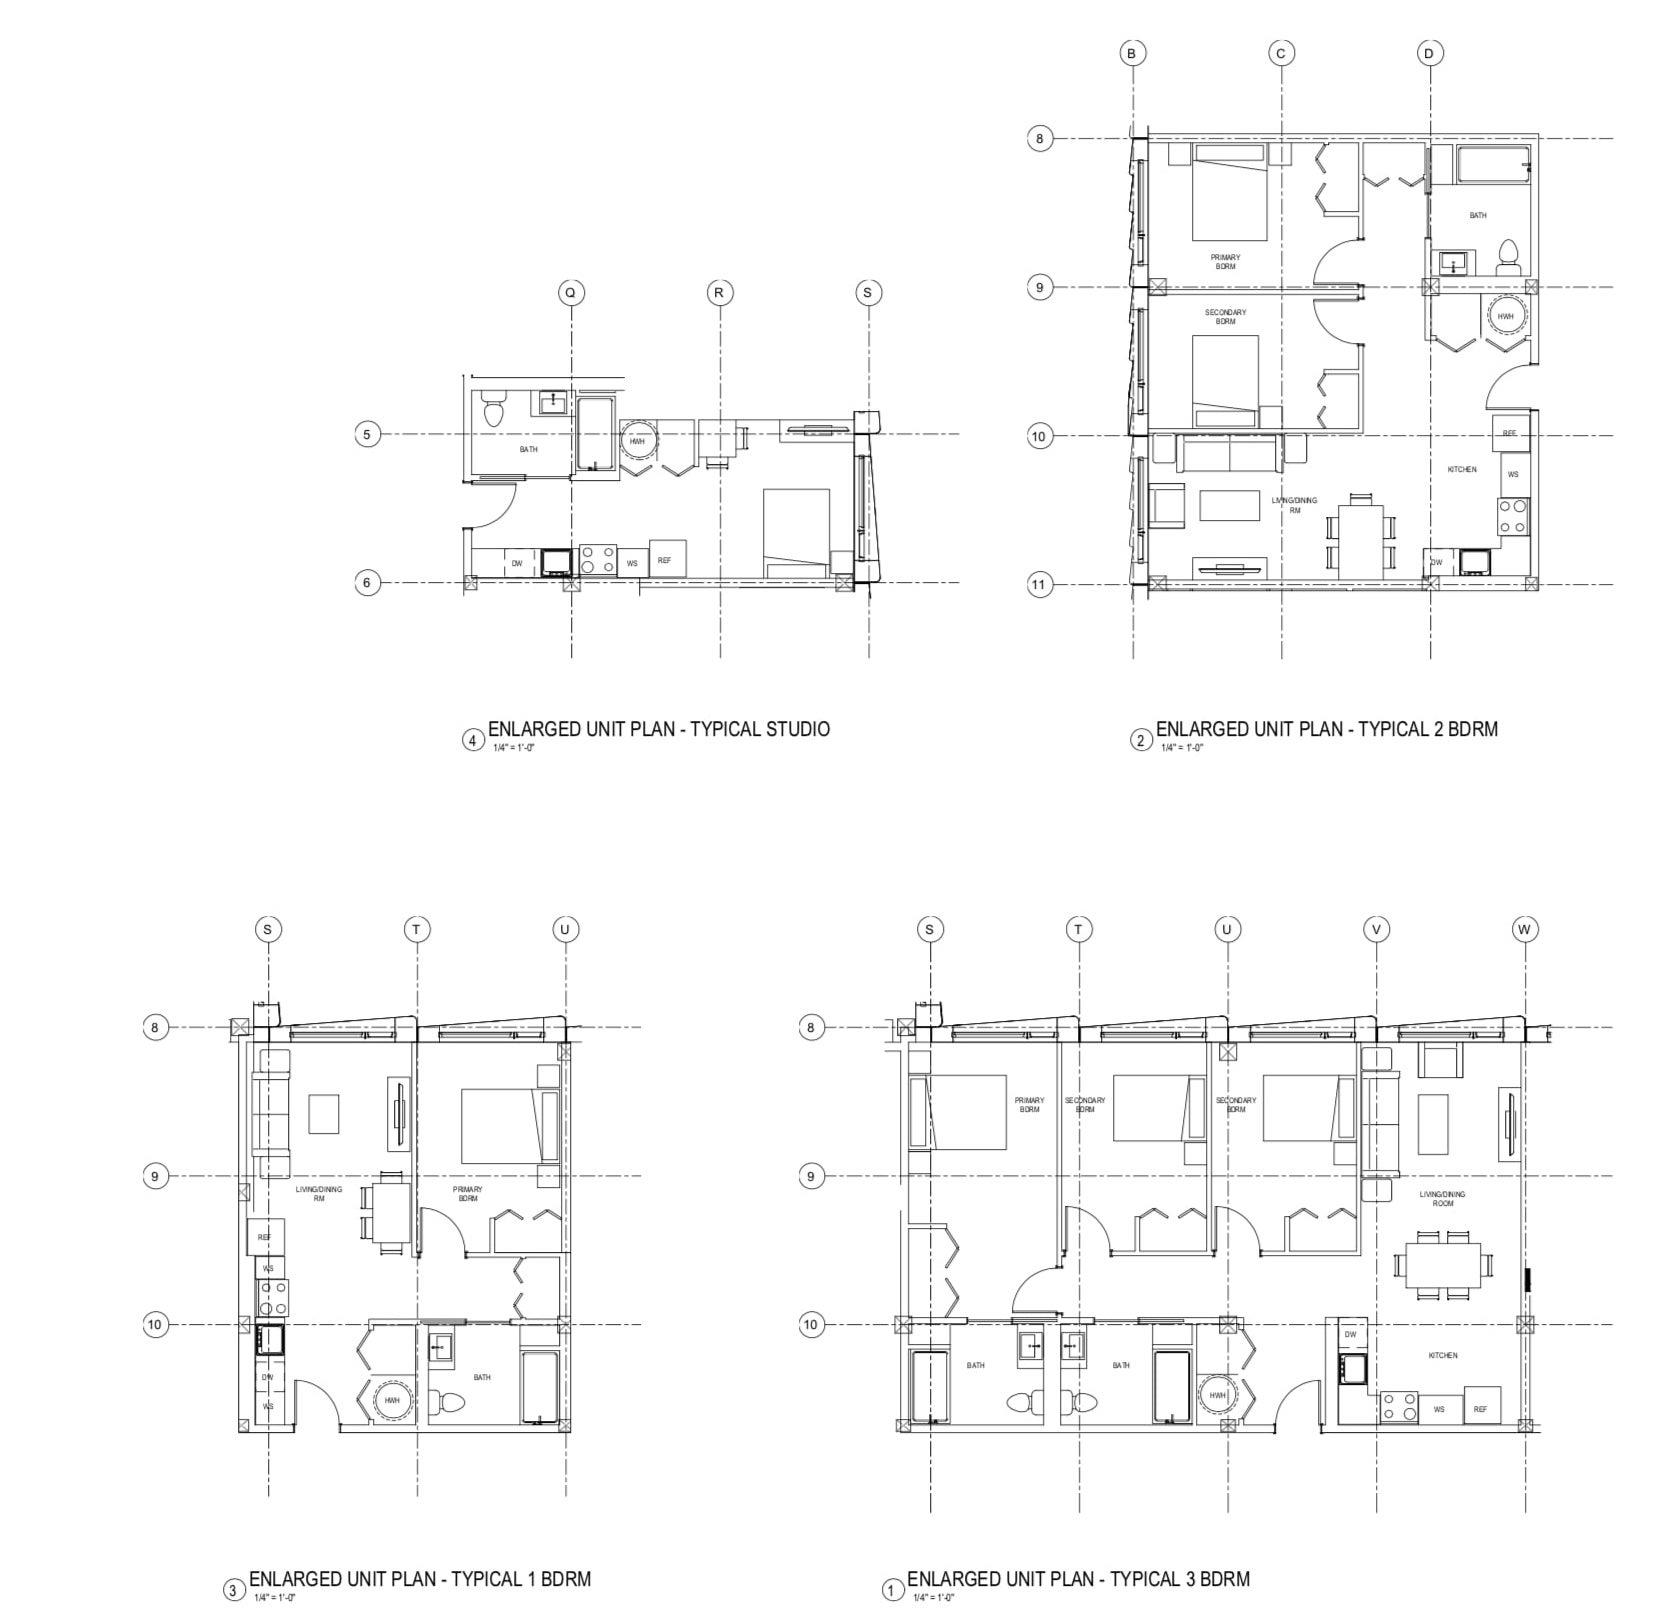 730 Stanyan Street Enlarged Floor Plans